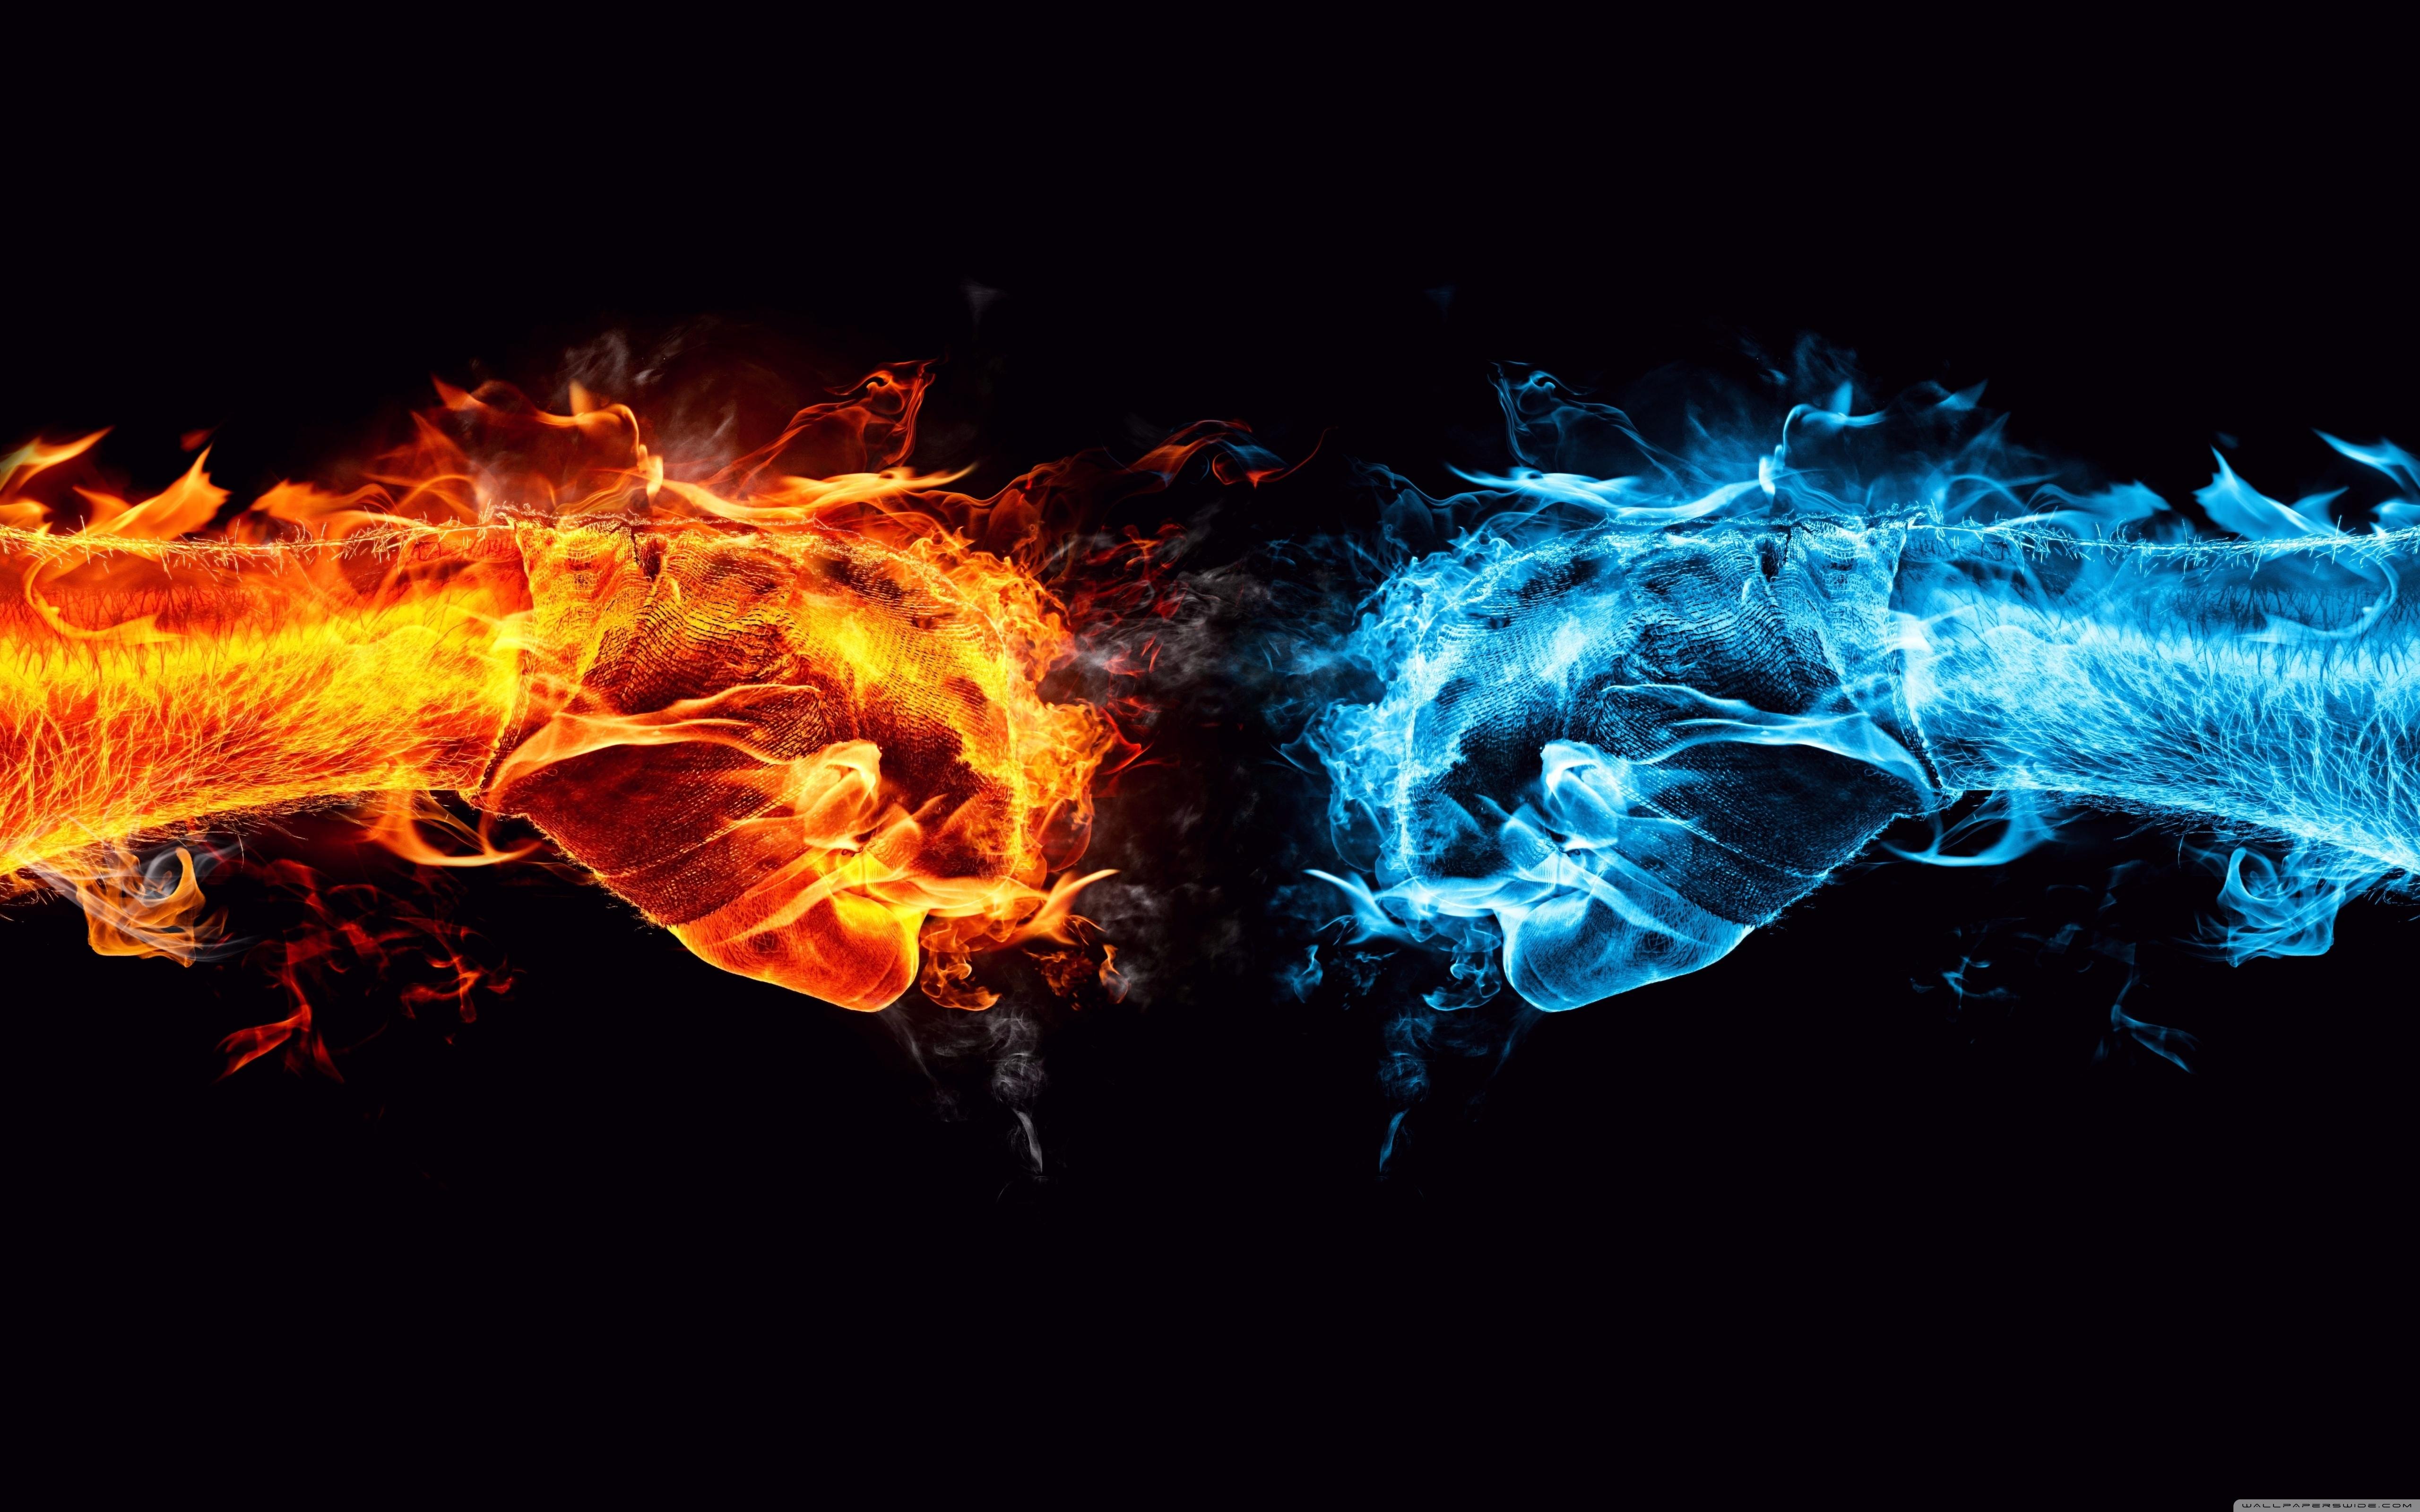 fire fist vs water fist ❤ 4k hd desktop wallpaper for 4k ultra hd